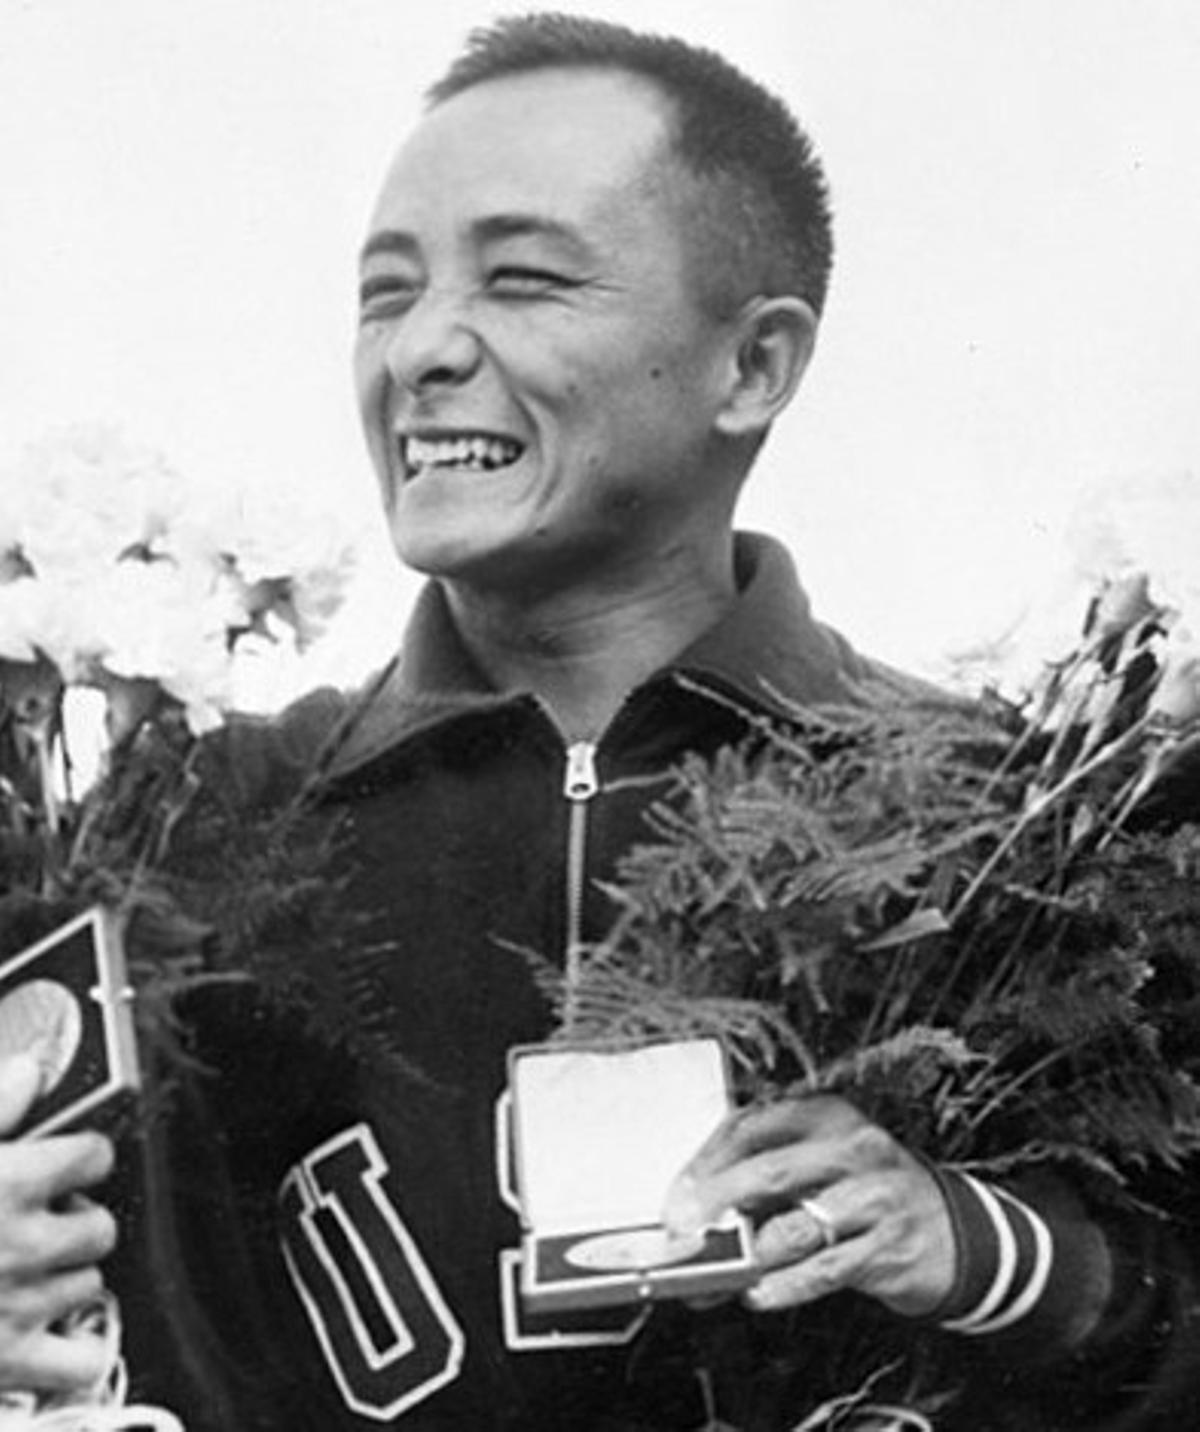 Sammy Lee, tras recibir la medalla de oro en los juegos de Helsinki, en 1952.